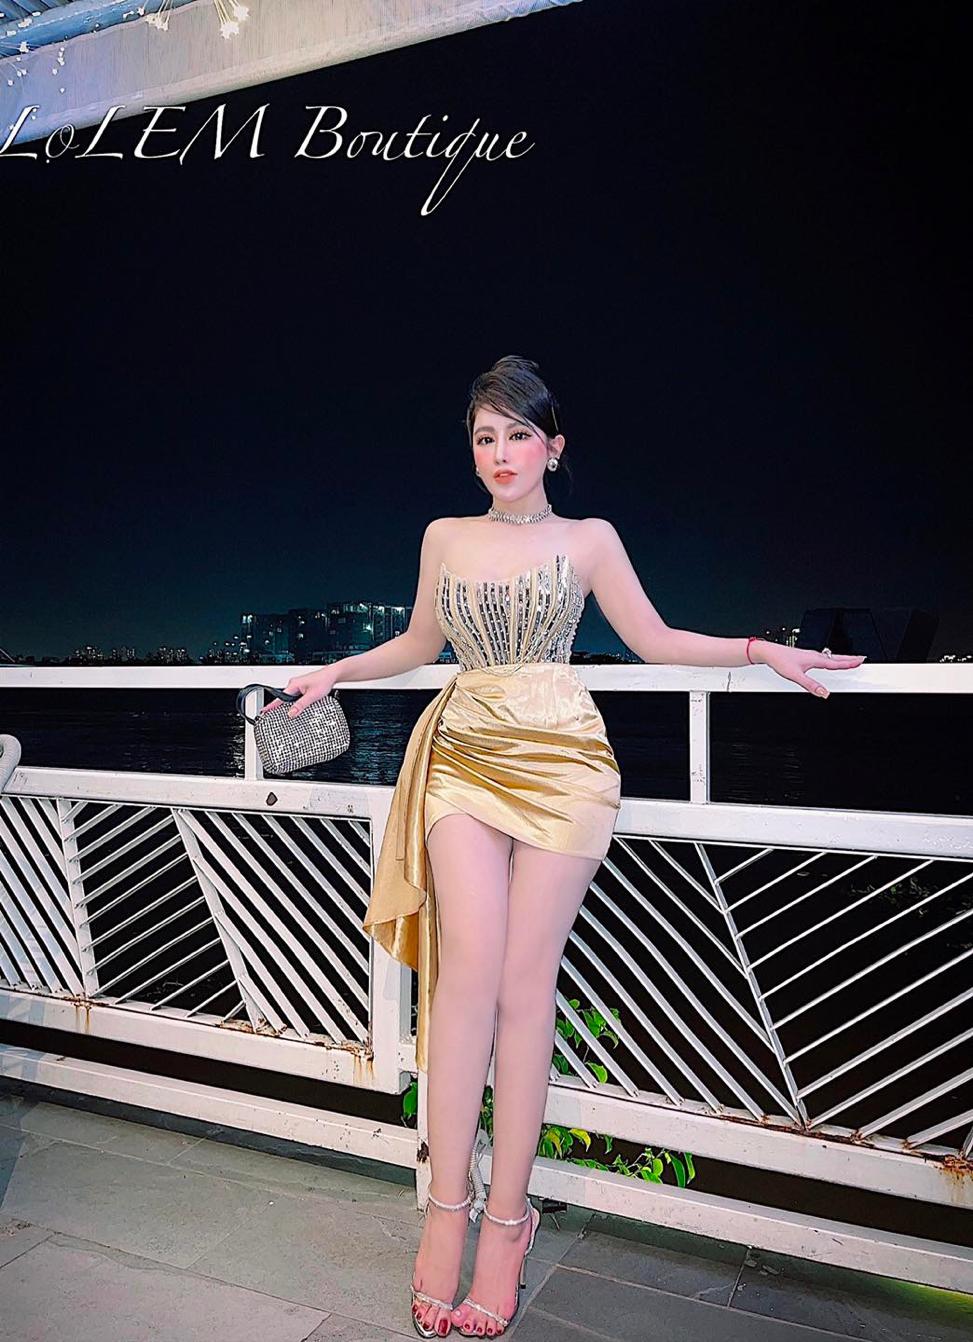 Khám phá phong cách thời trang quyến rũ, cá tính của cô chủ Lọ Lem Boutique - CEO Phạm Thị Thanh Nhàn  - Ảnh 6